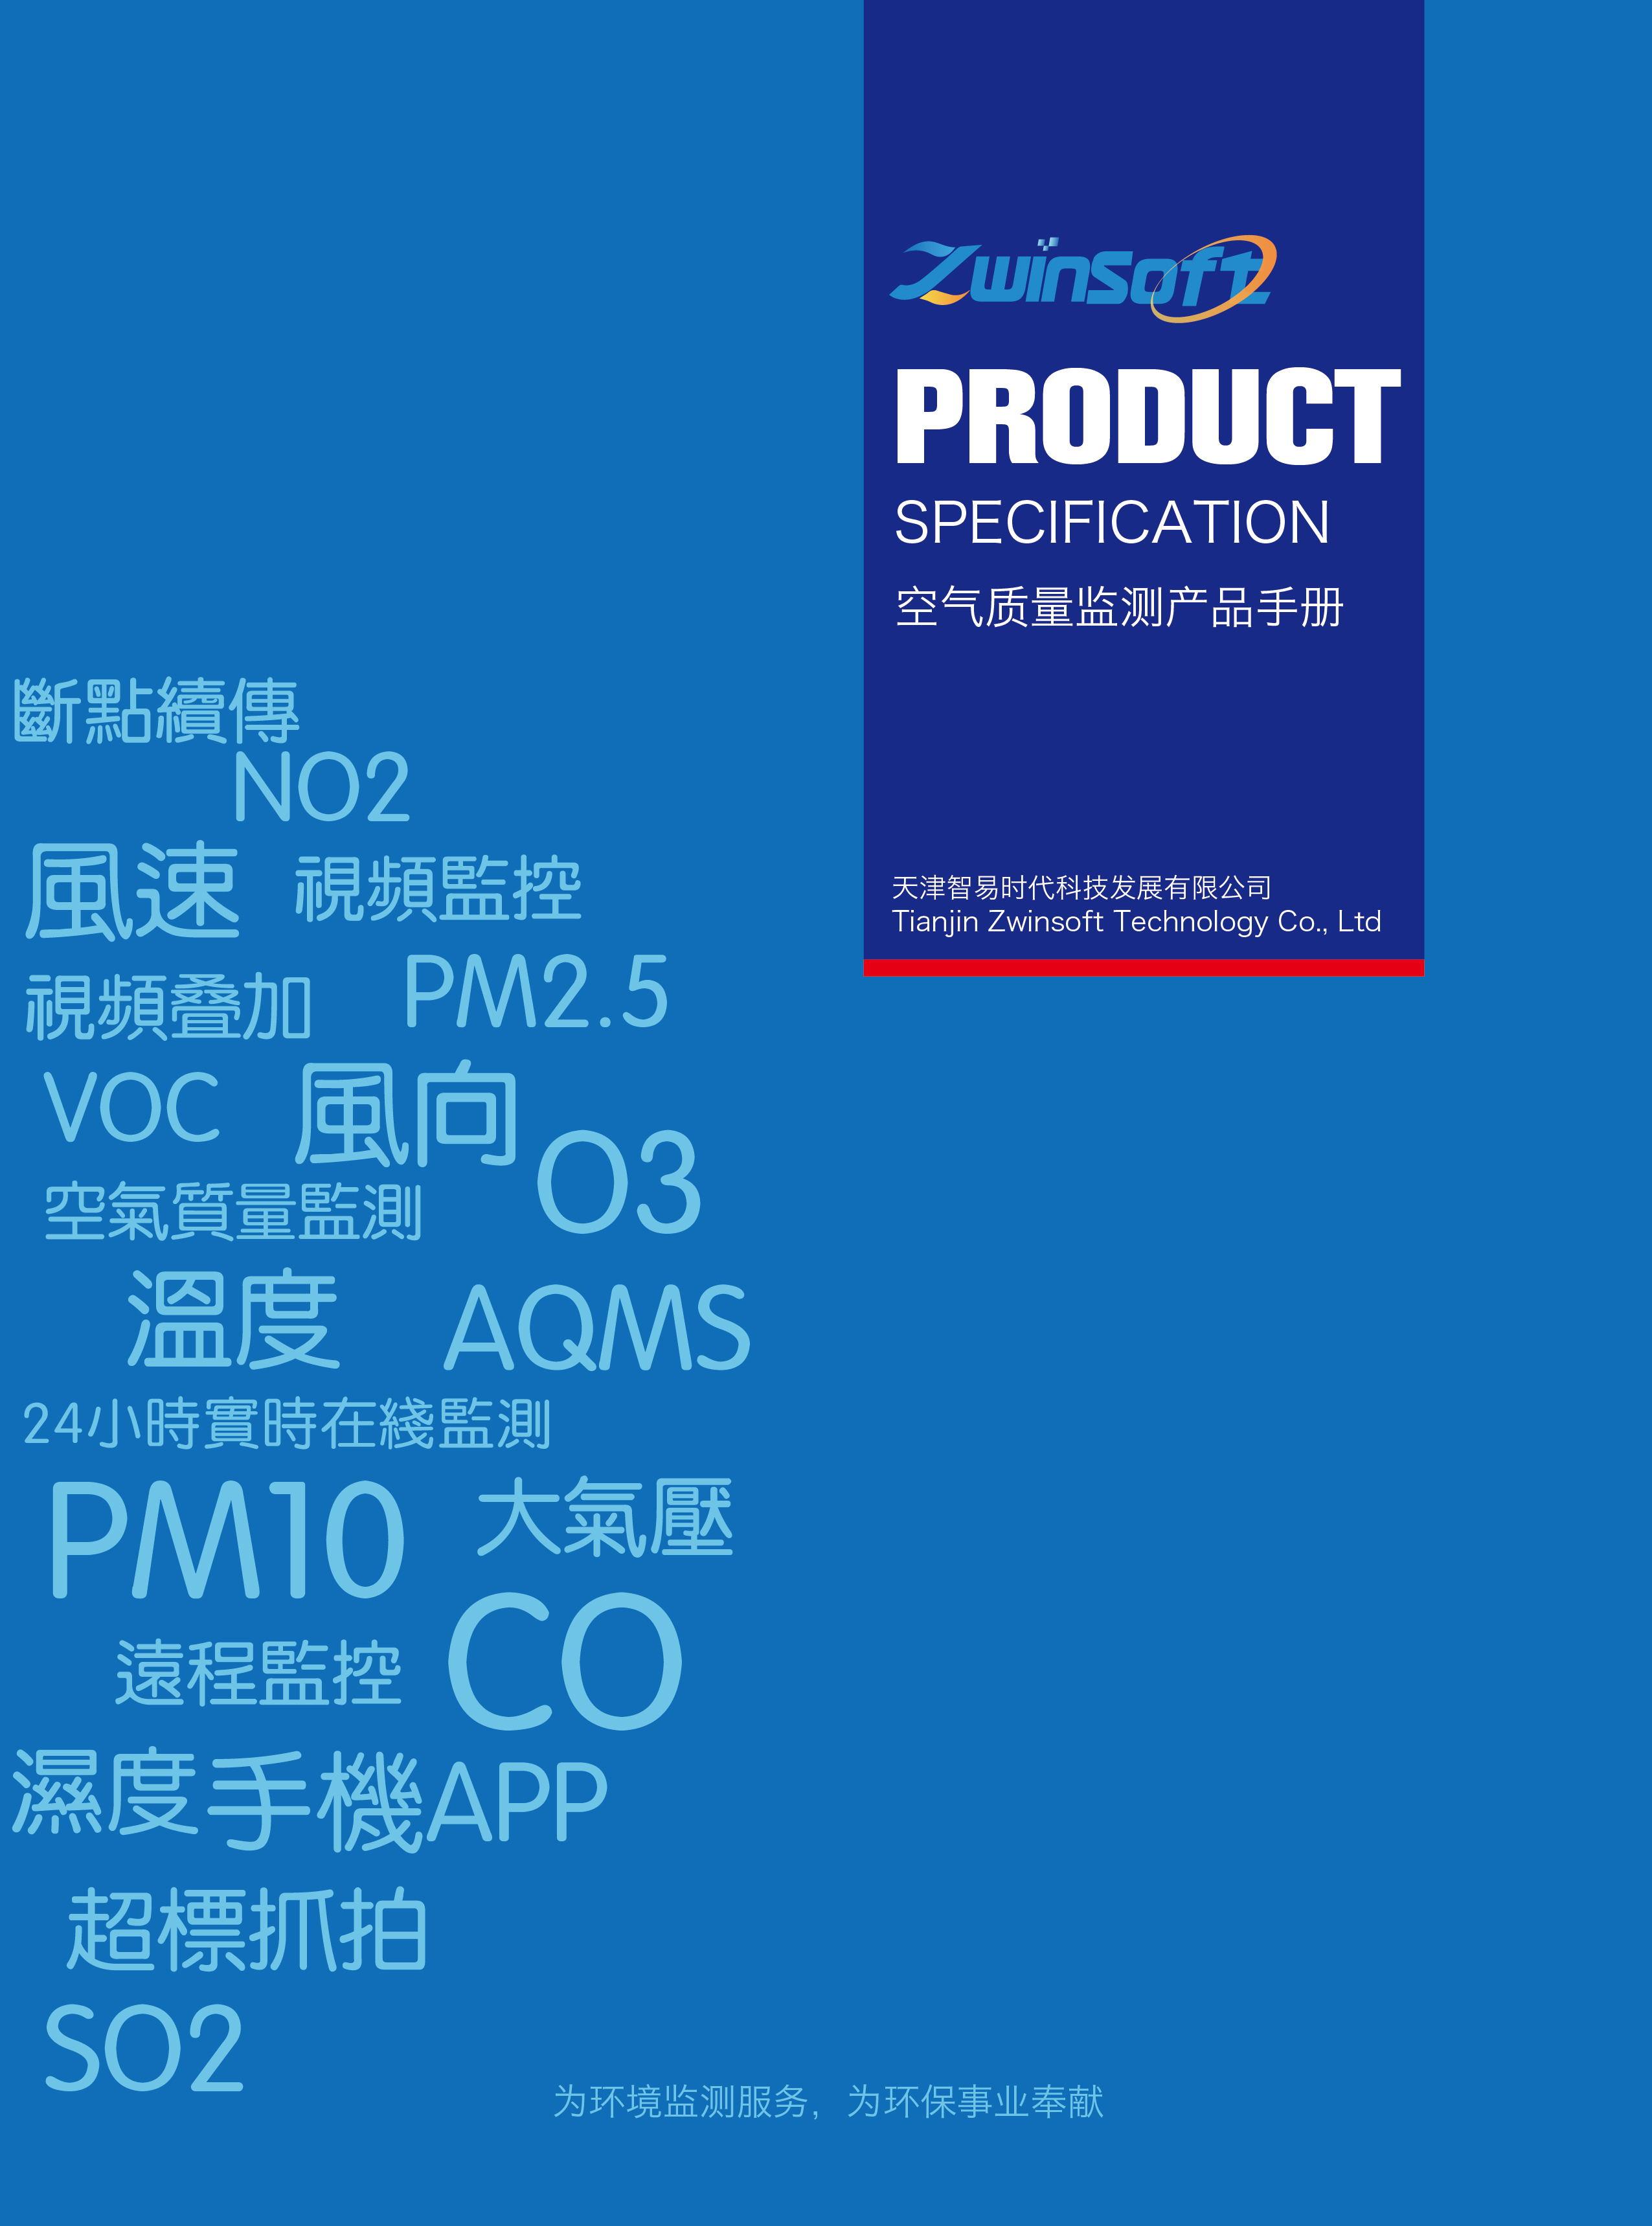 空气质量在线监测产品手册